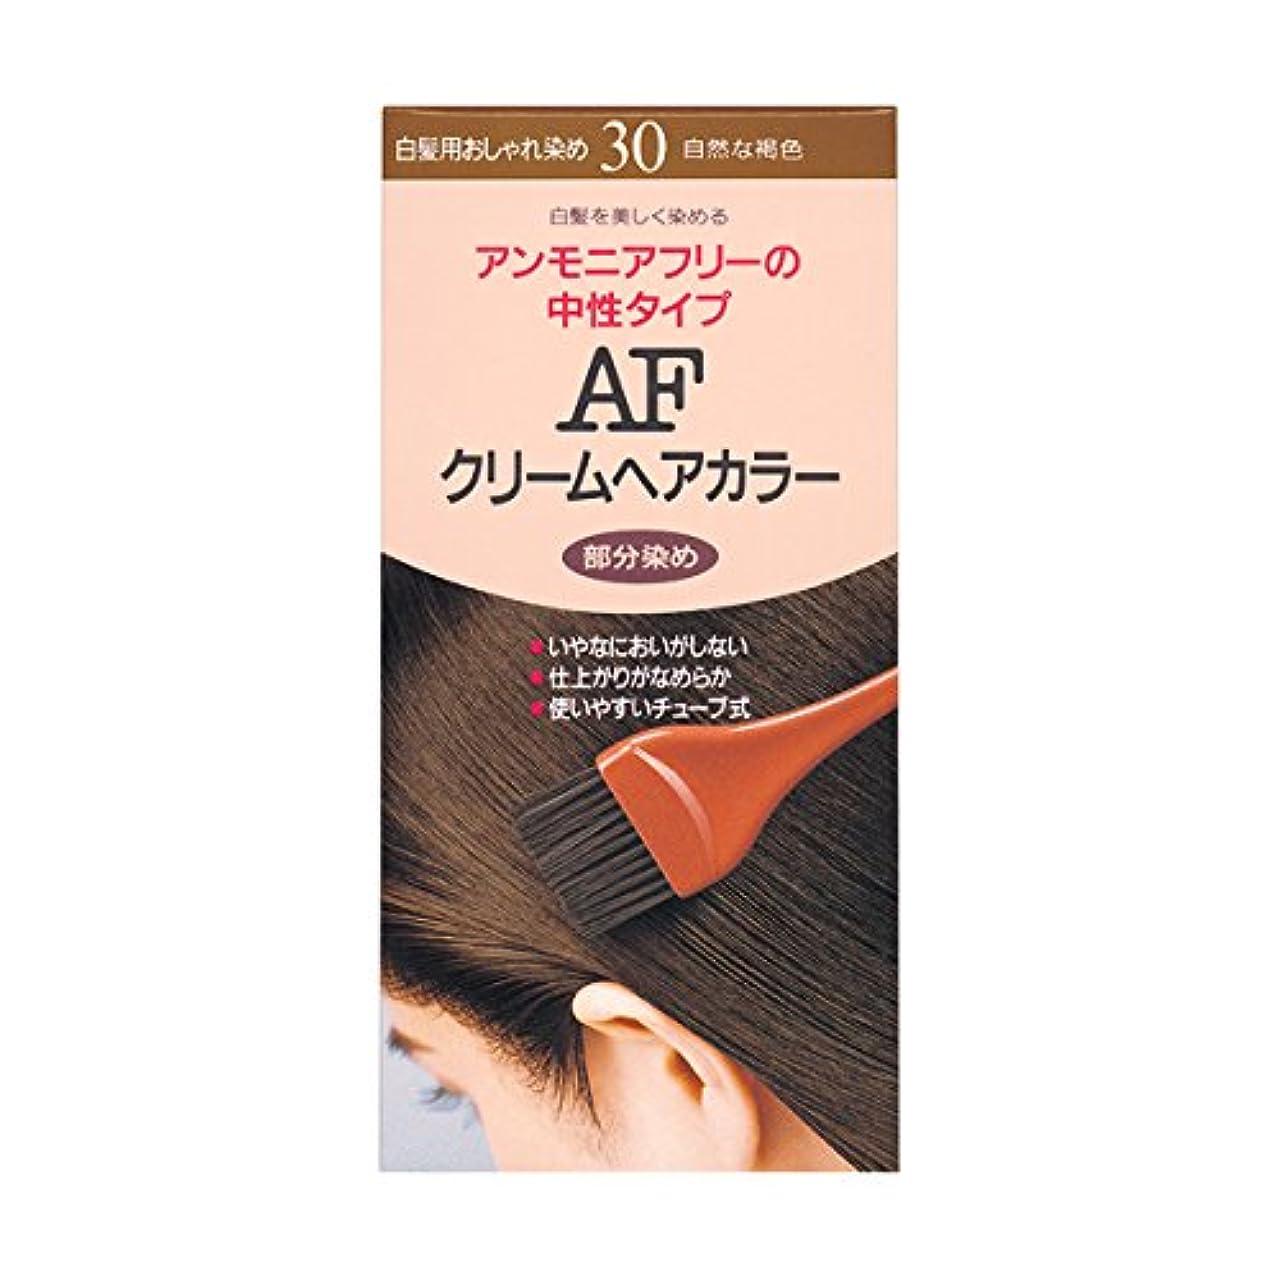 一目アピール分析するヘアカラー AFクリームヘアカラー 30 【医薬部外品】